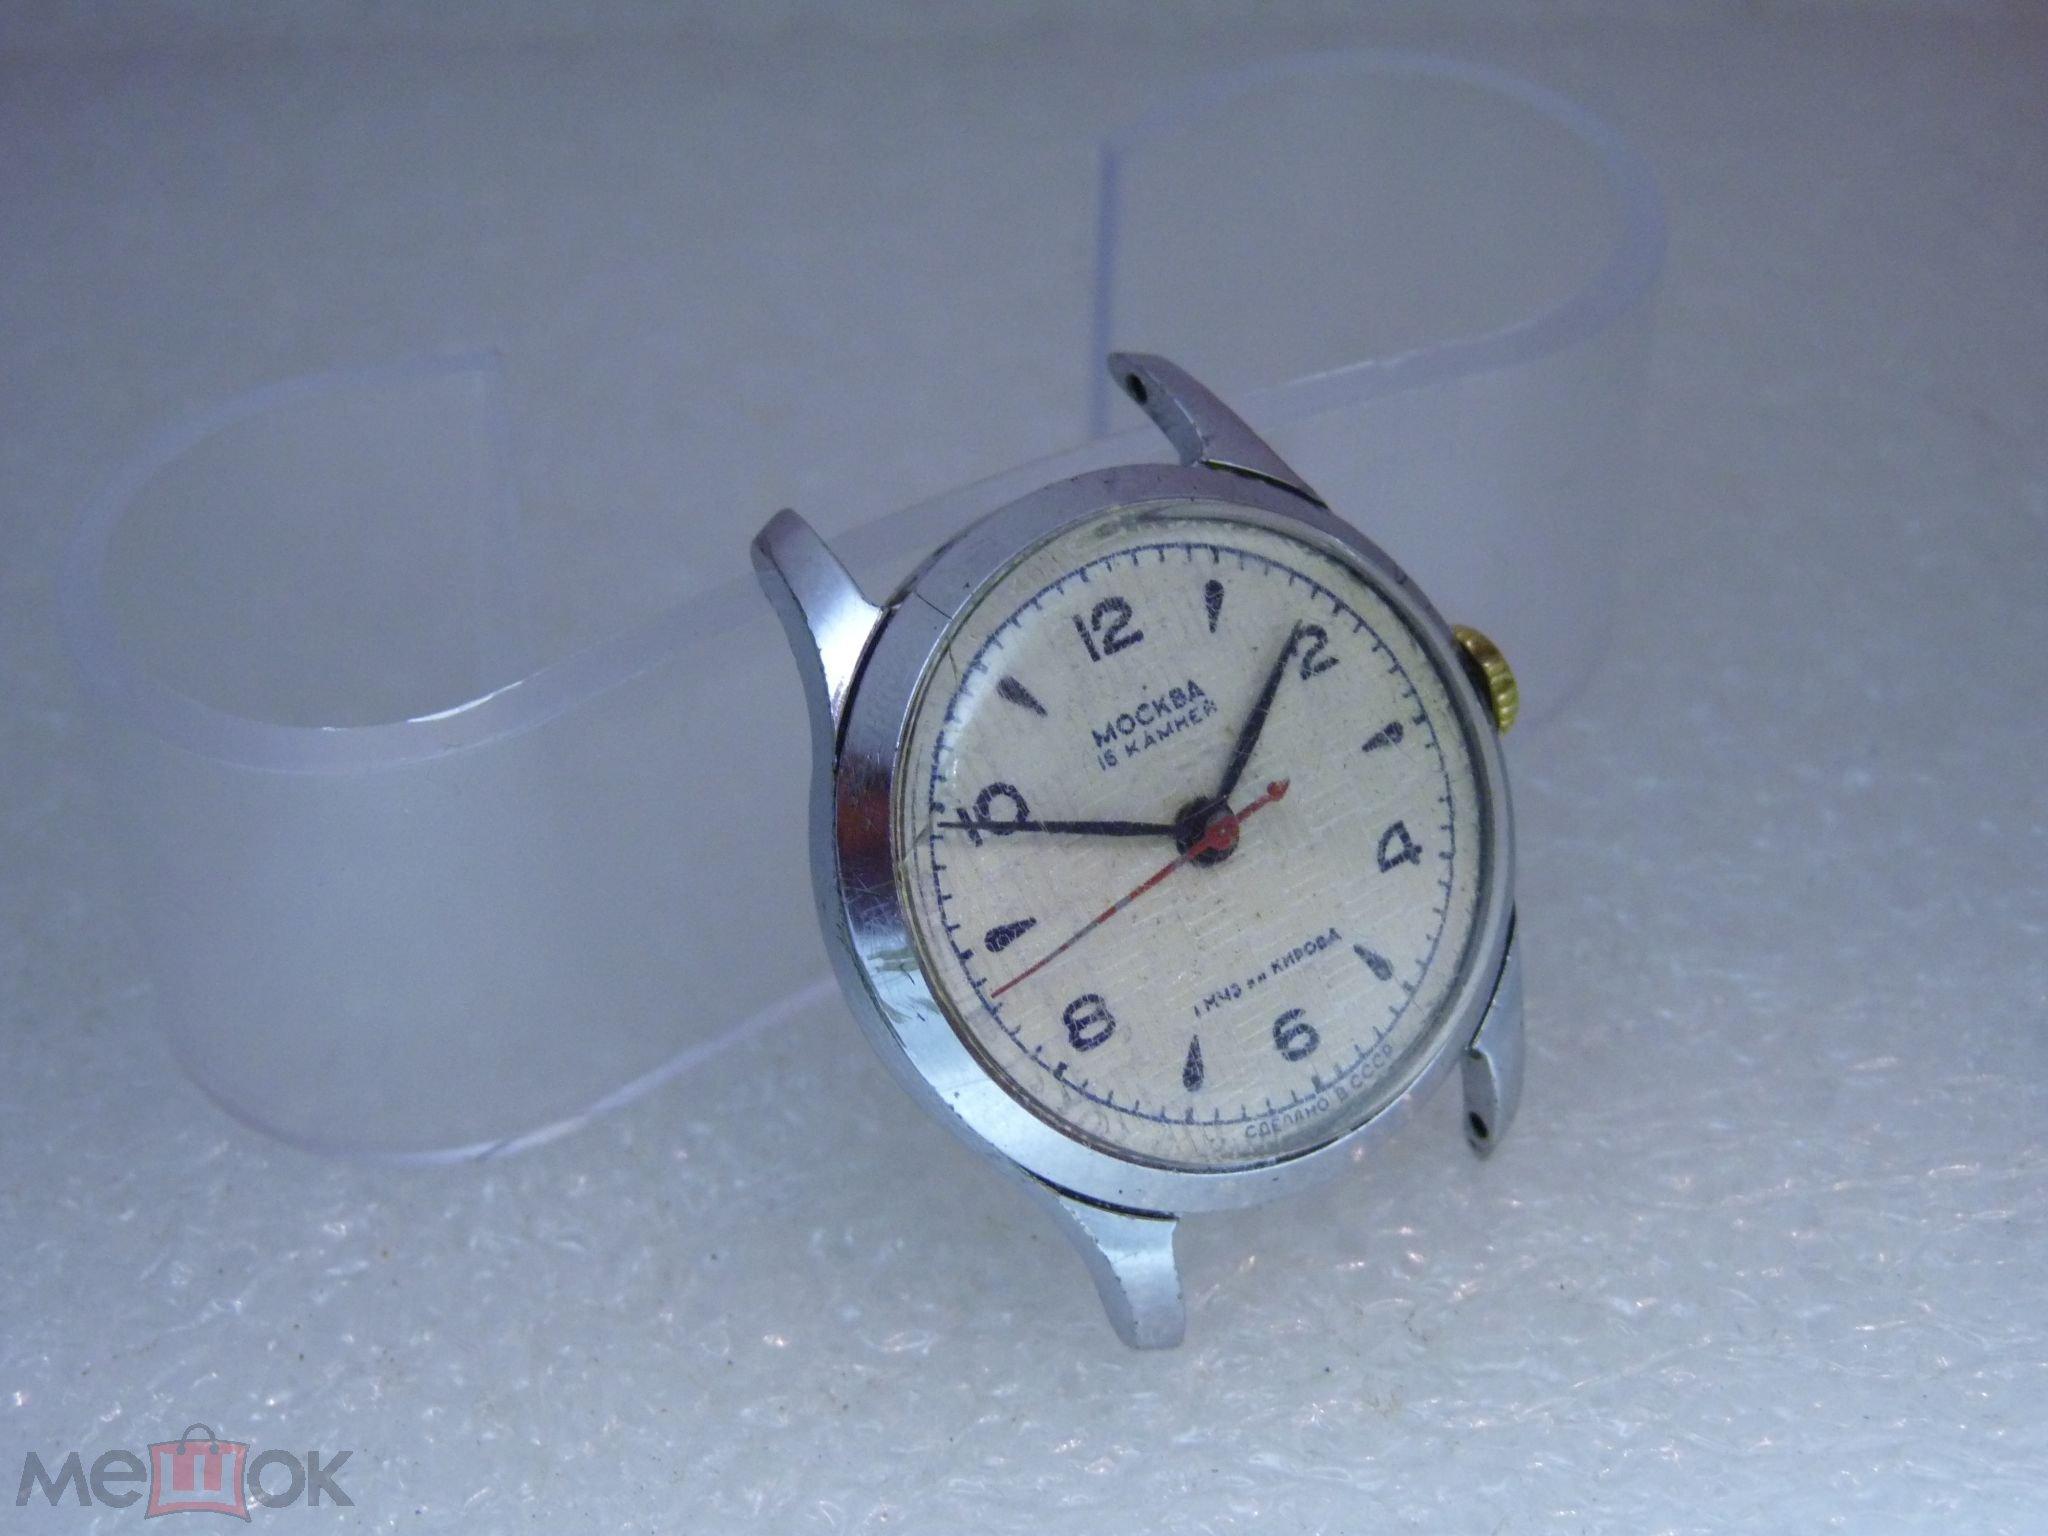 Механизма миниатюрного будильника – тысяч штук».